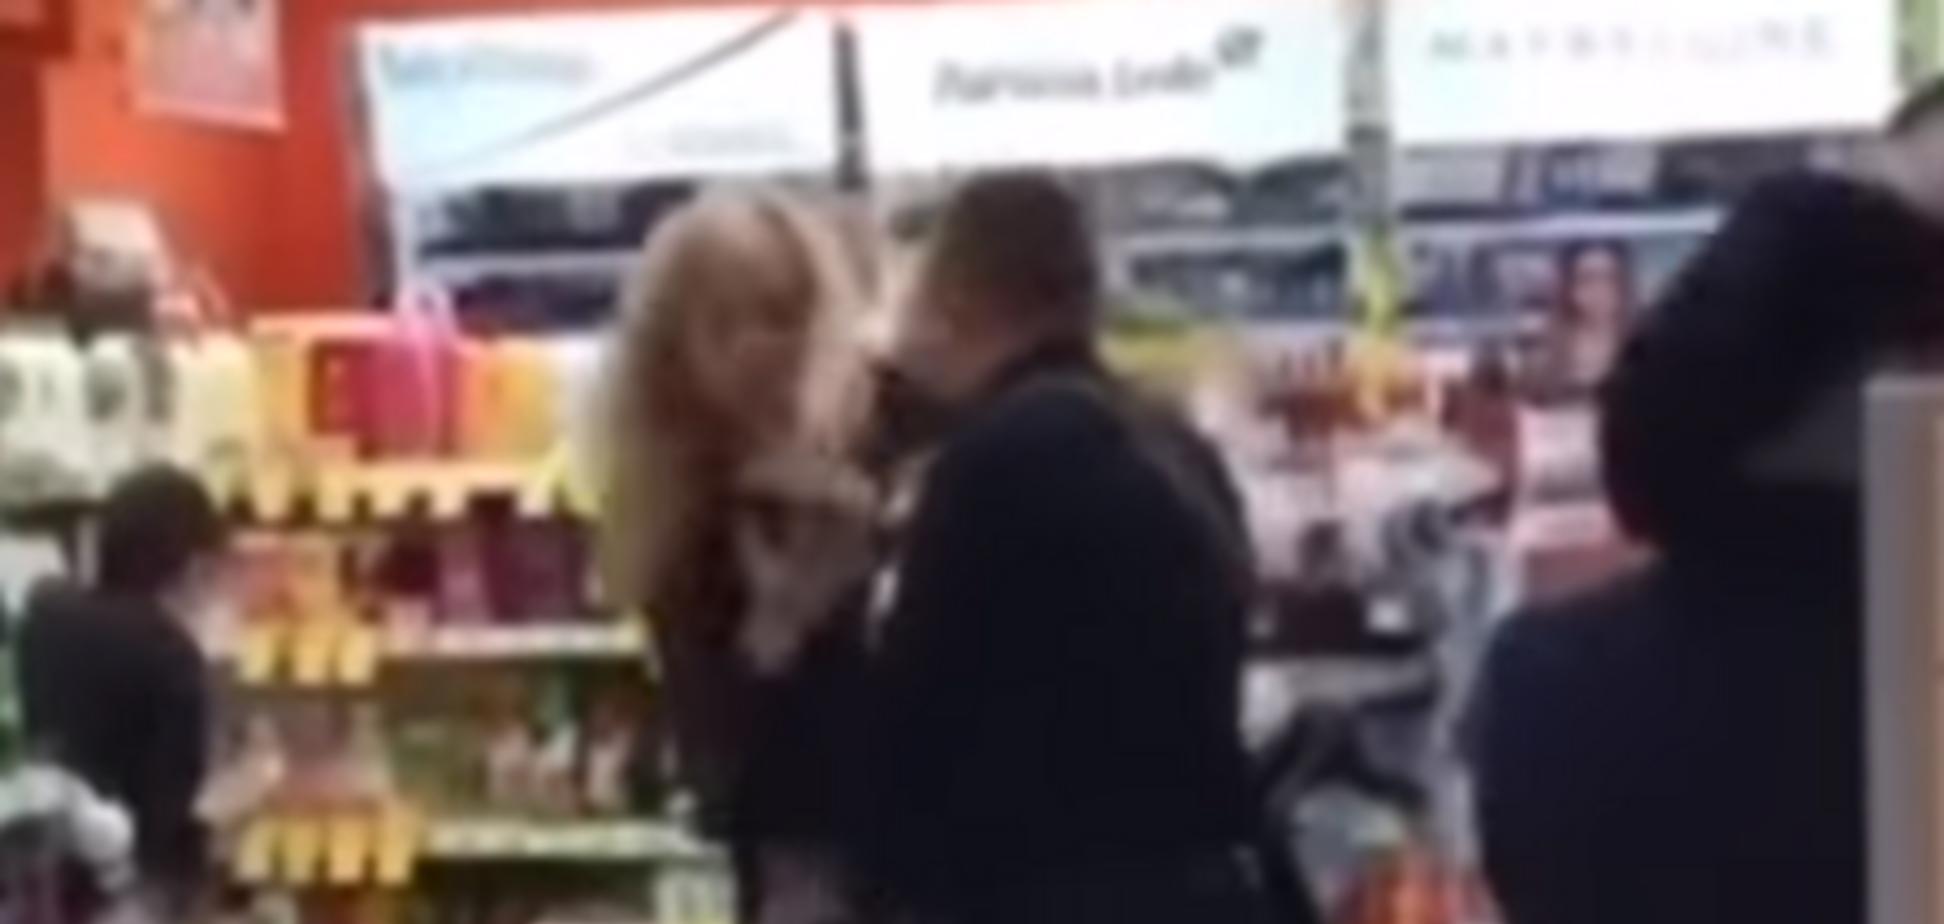 Вдарив та розбив телефон: у Дніпрі поліцейський жорстко затримав жінку. Відео